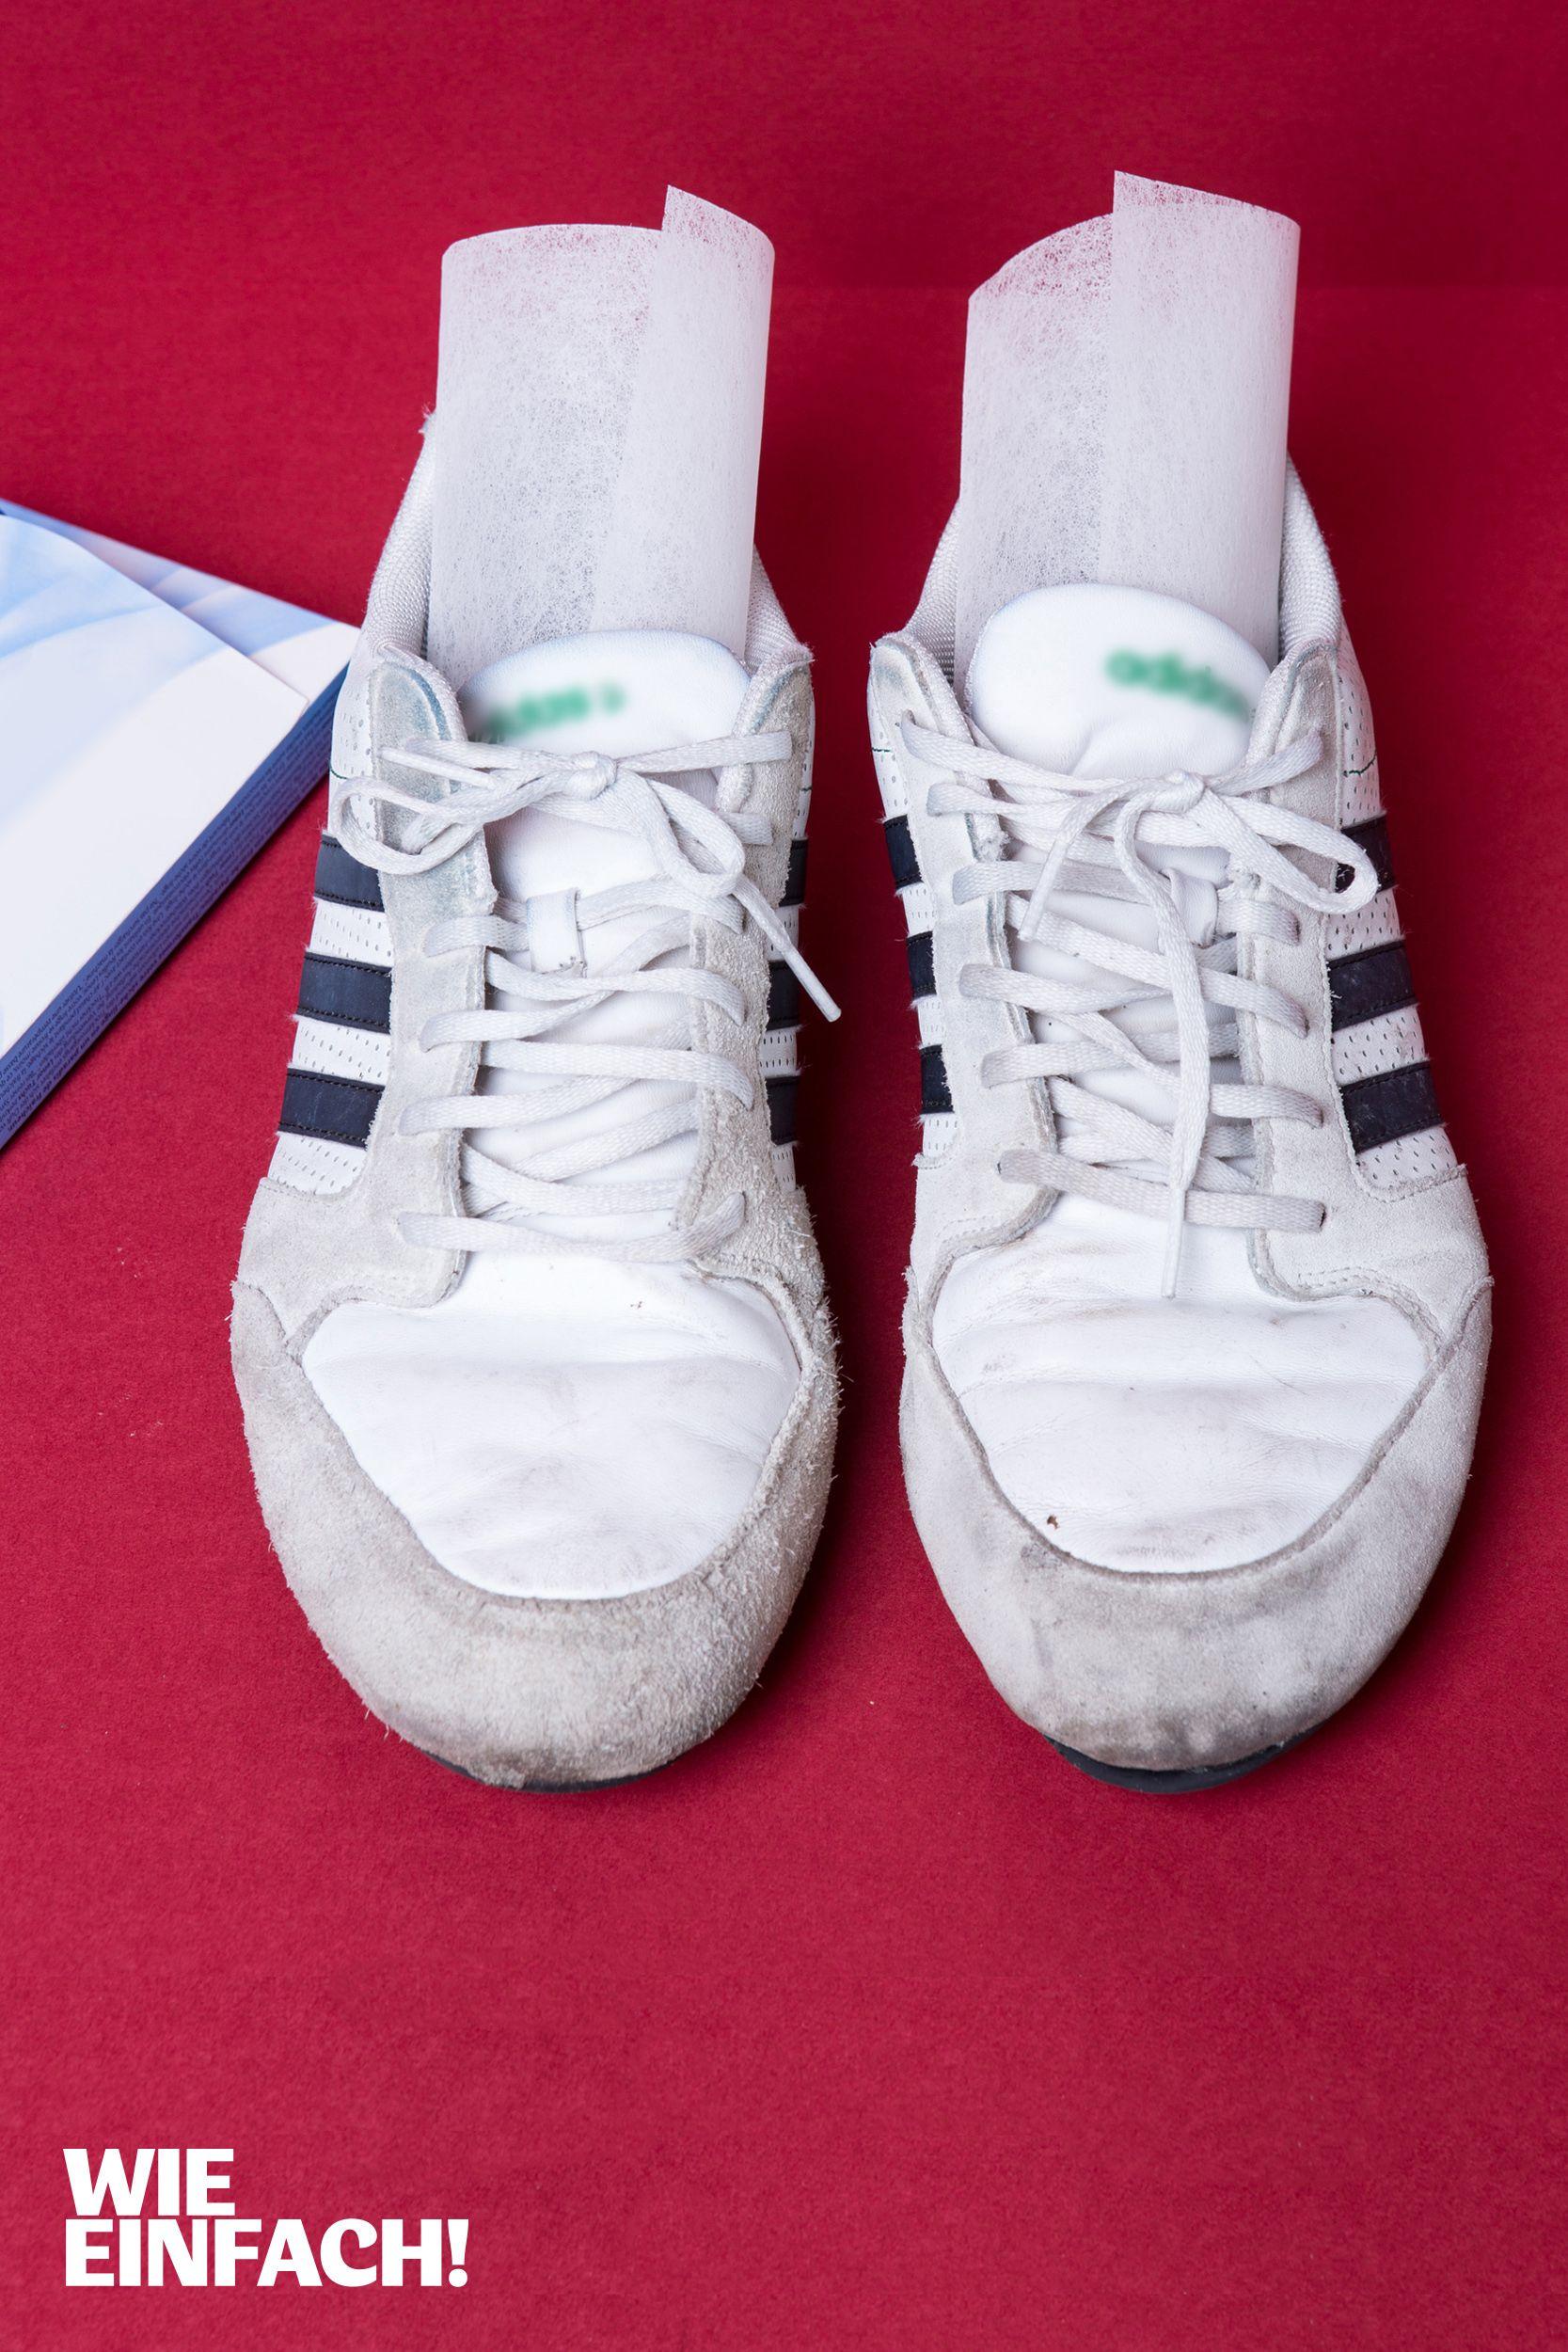 70b256289d390 Trocknertücher helfen gegen Schuhgeruch. Einfach jeweils ein Tuch über  Nacht in beide Schuhe schieben und an die frische Luft stellen. Foto   Torsten Kollmer